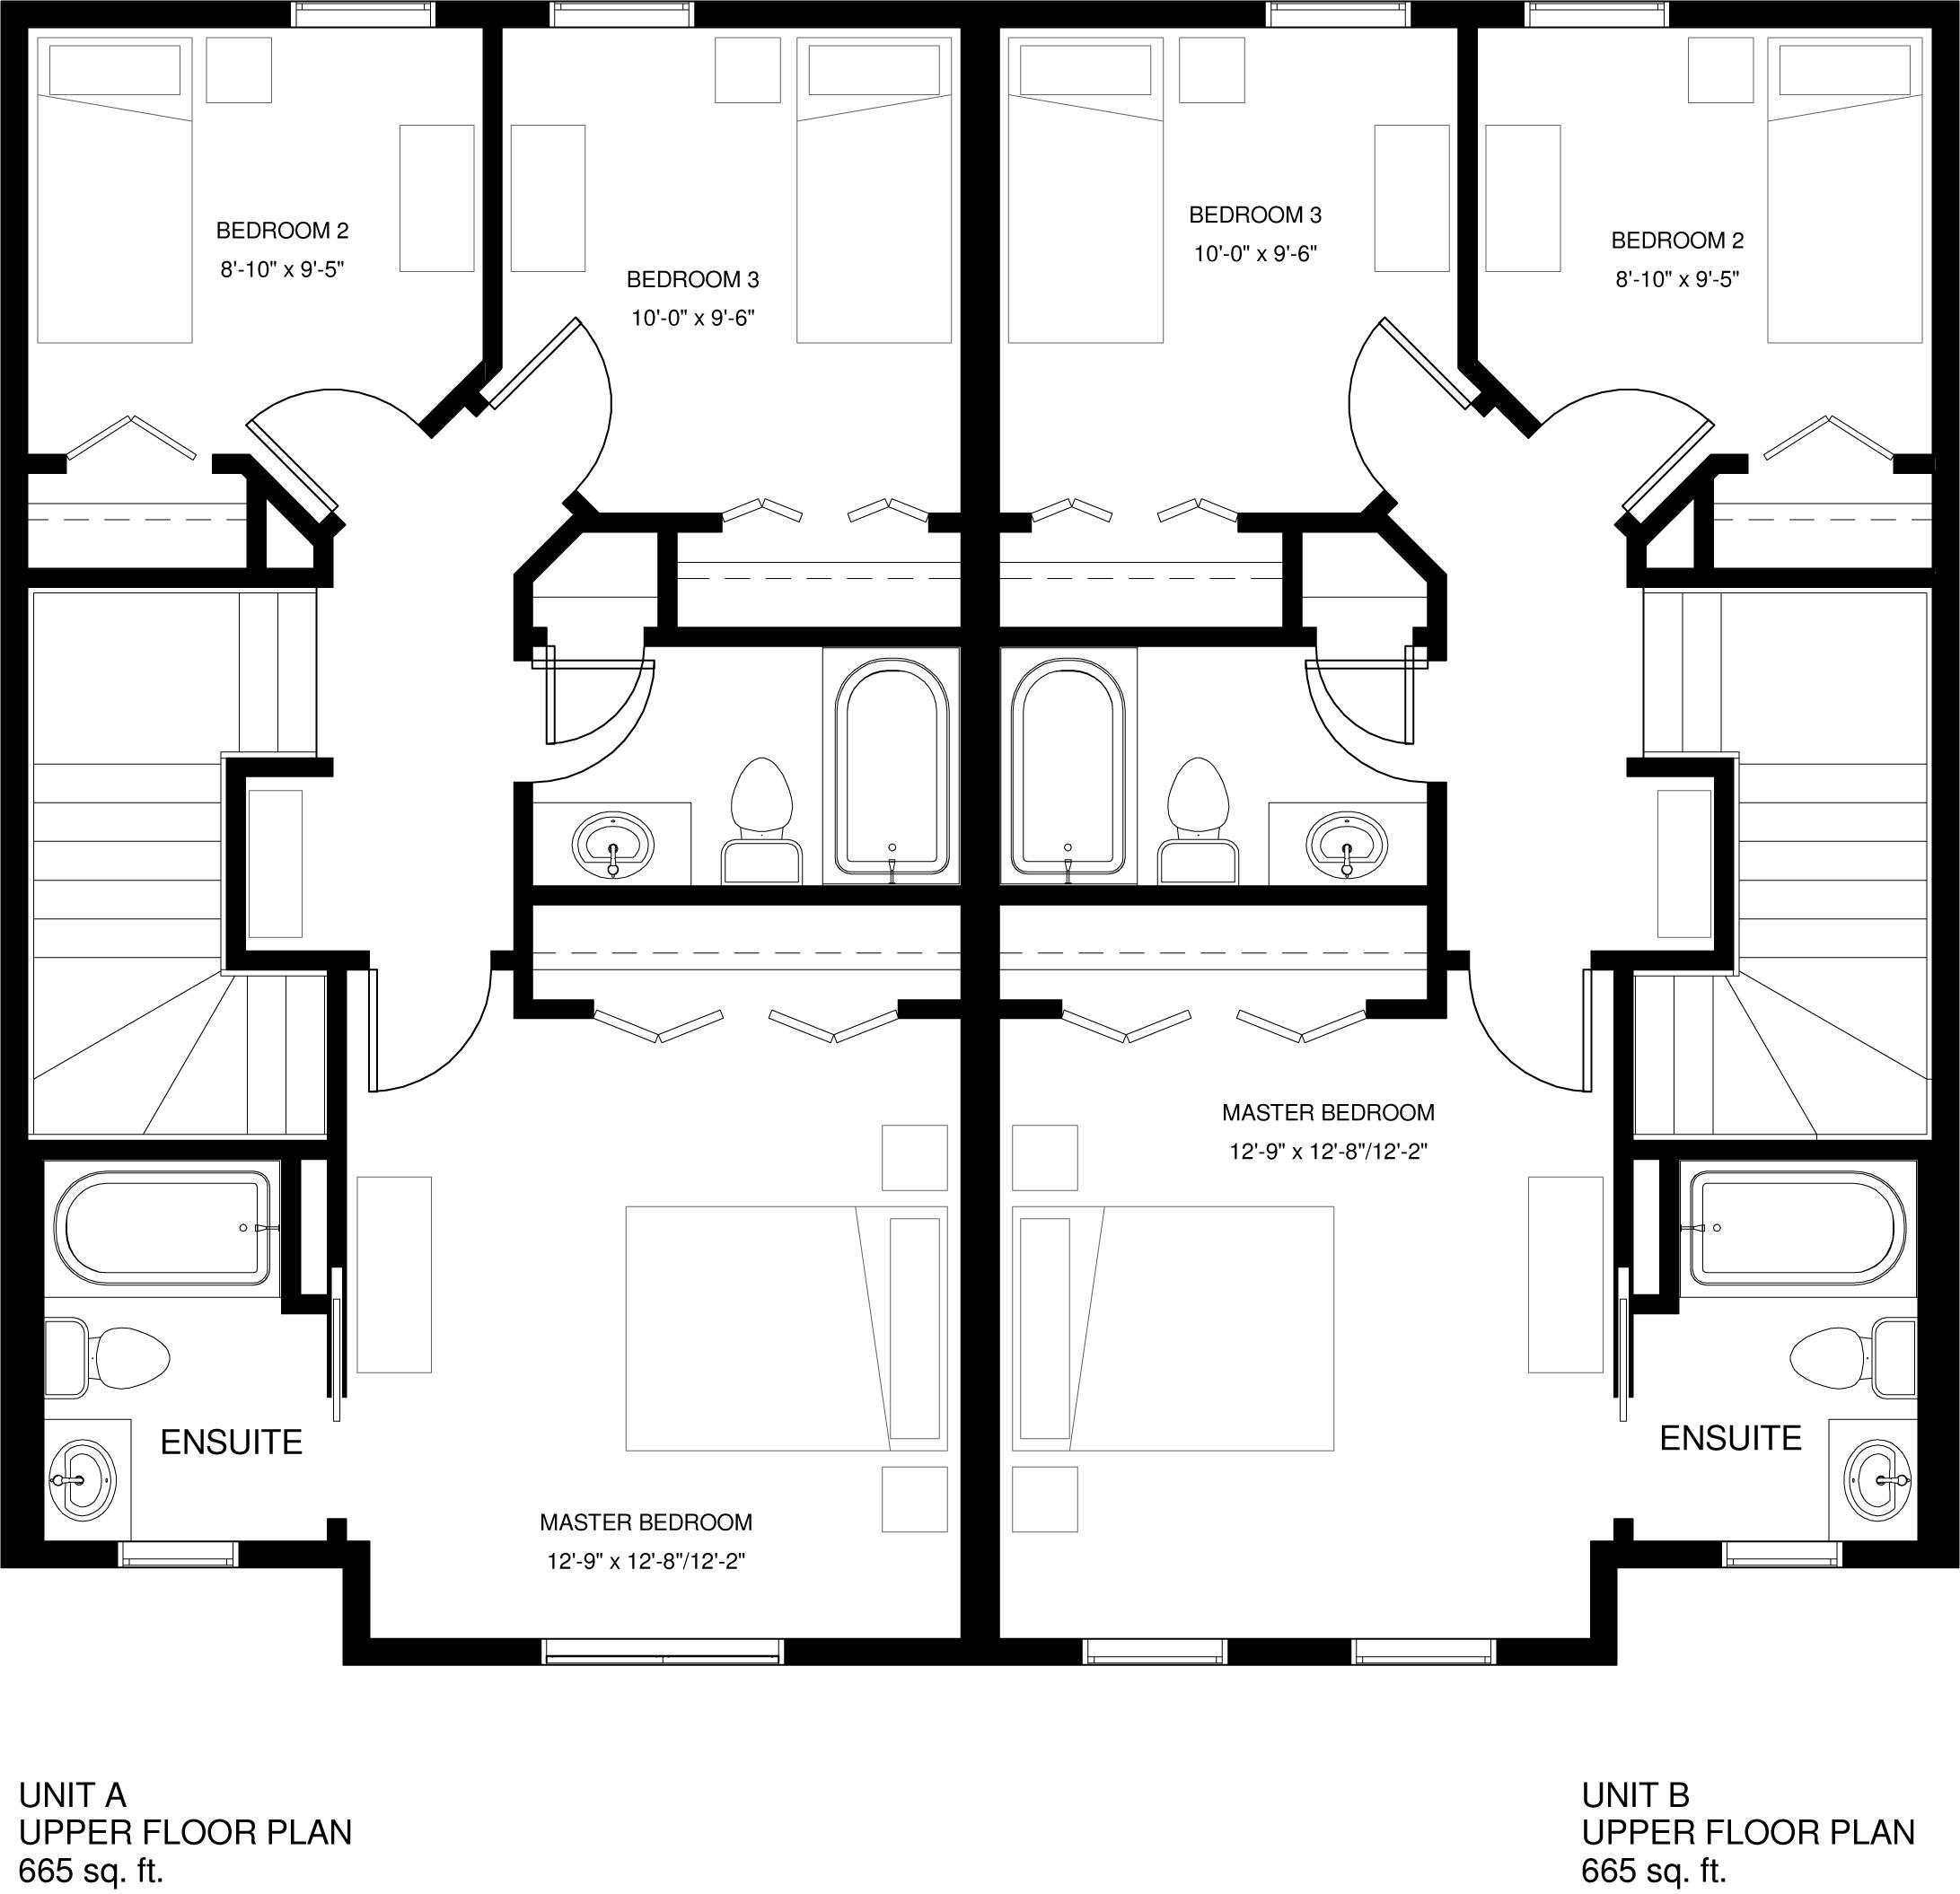 Upper Floor  665 sq ft per Unit